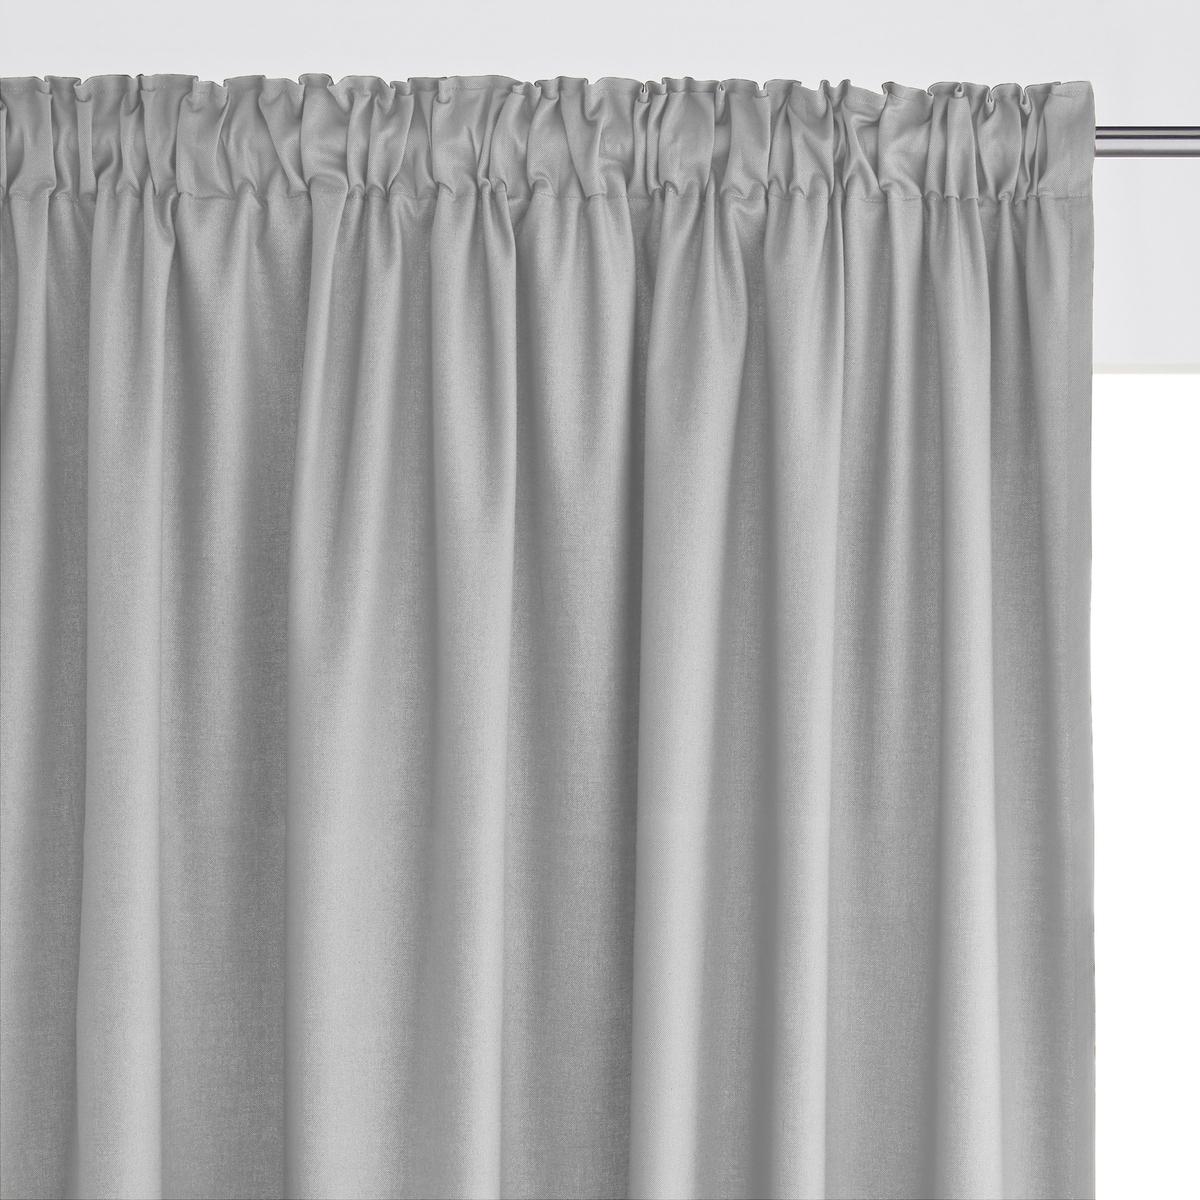 Штора 100% хлопка с отделкой тесьмойШтора из красивой и очень прочной ткани 100% хлопка (220г/м?) .               Отделка тесьмой со складками, низ с перекидным швом (продается с термоклейкой лентой для создание подрубленного края).Гамма штор сочетается с коллекцией декора SCENARIO  .Крючок для крепления в комплекте                            Машинная стирка при 40 °С. Отличная стойкость цветов при стирке и на свету .                                                                      Производство осуществляется с учетом стандартов по защите окружающей среды и здоровья человека, что подтверждено сертификатом Oeko-tex®.<br><br>Цвет: бледно-зеленый,вишневый,серо-коричневый,серый жемчужный,темно-серый